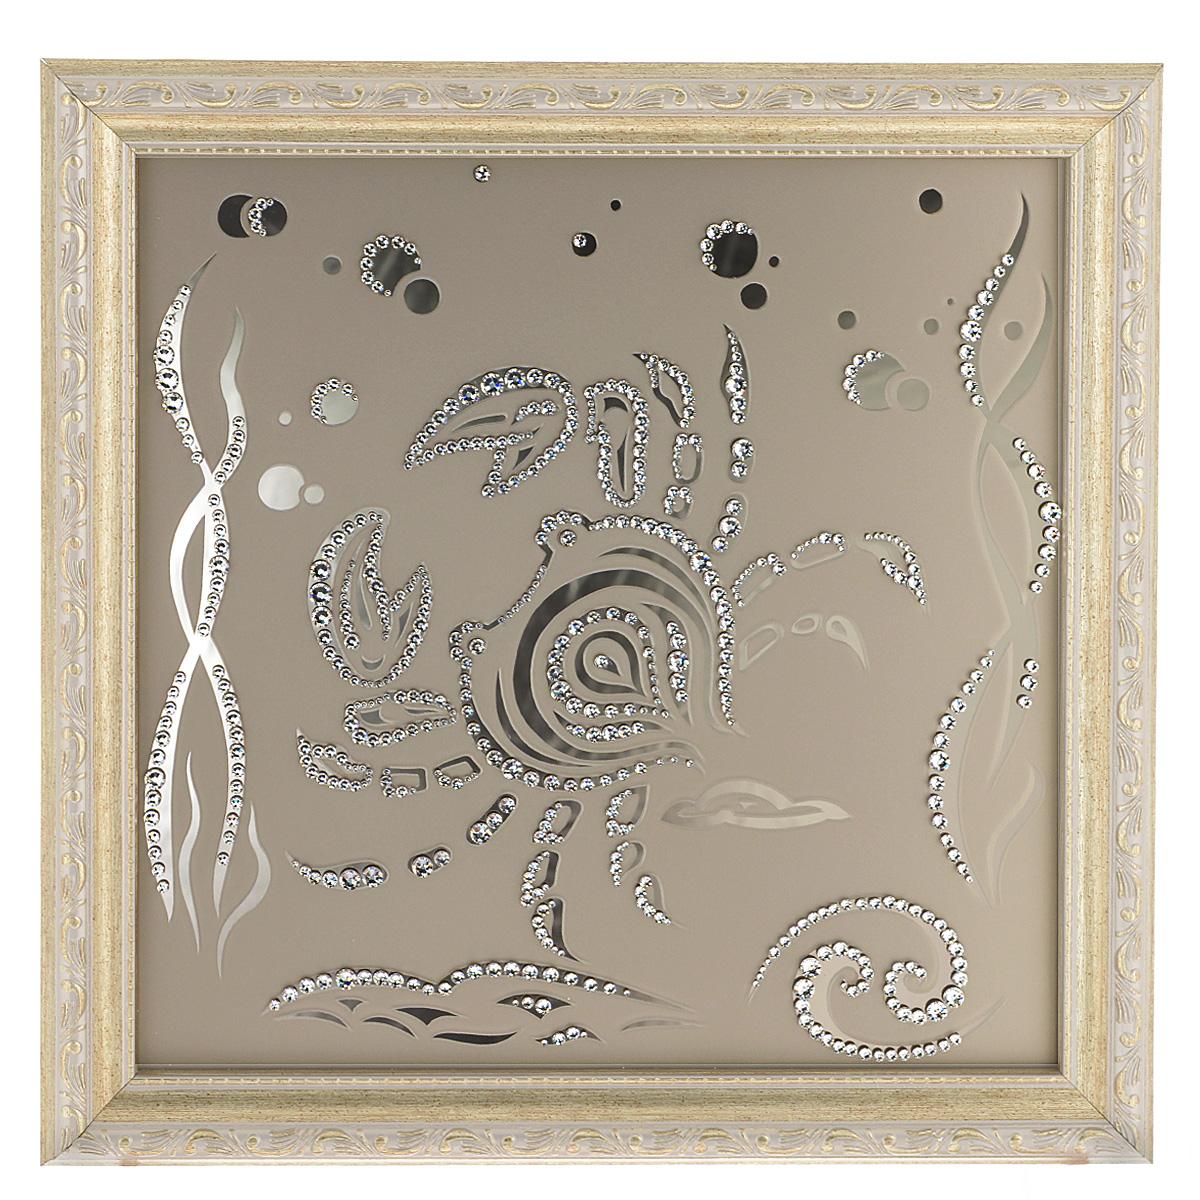 Картина с кристаллами Swarovski Знак зодиака. Рак, 35 х 35 смIDEA FL2-02Изящная картина в багетной раме Знак зодиака. Рак инкрустирована кристаллами Swarovski, которые отличаются четкой и ровной огранкой, ярким блеском и чистотой цвета. Идеально подобранная палитра кристаллов прекрасно дополняет картину. С задней стороны изделие оснащено проволокой для размещения на стене. Картина с кристаллами Swarovski элегантно украсит интерьер дома, а также станет прекрасным подарком, который обязательно понравится получателю. Блеск кристаллов в интерьере - что может быть сказочнее и удивительнее. Изделие упаковано в подарочную картонную коробку синего цвета и комплектуется сертификатом соответствия Swarovski.